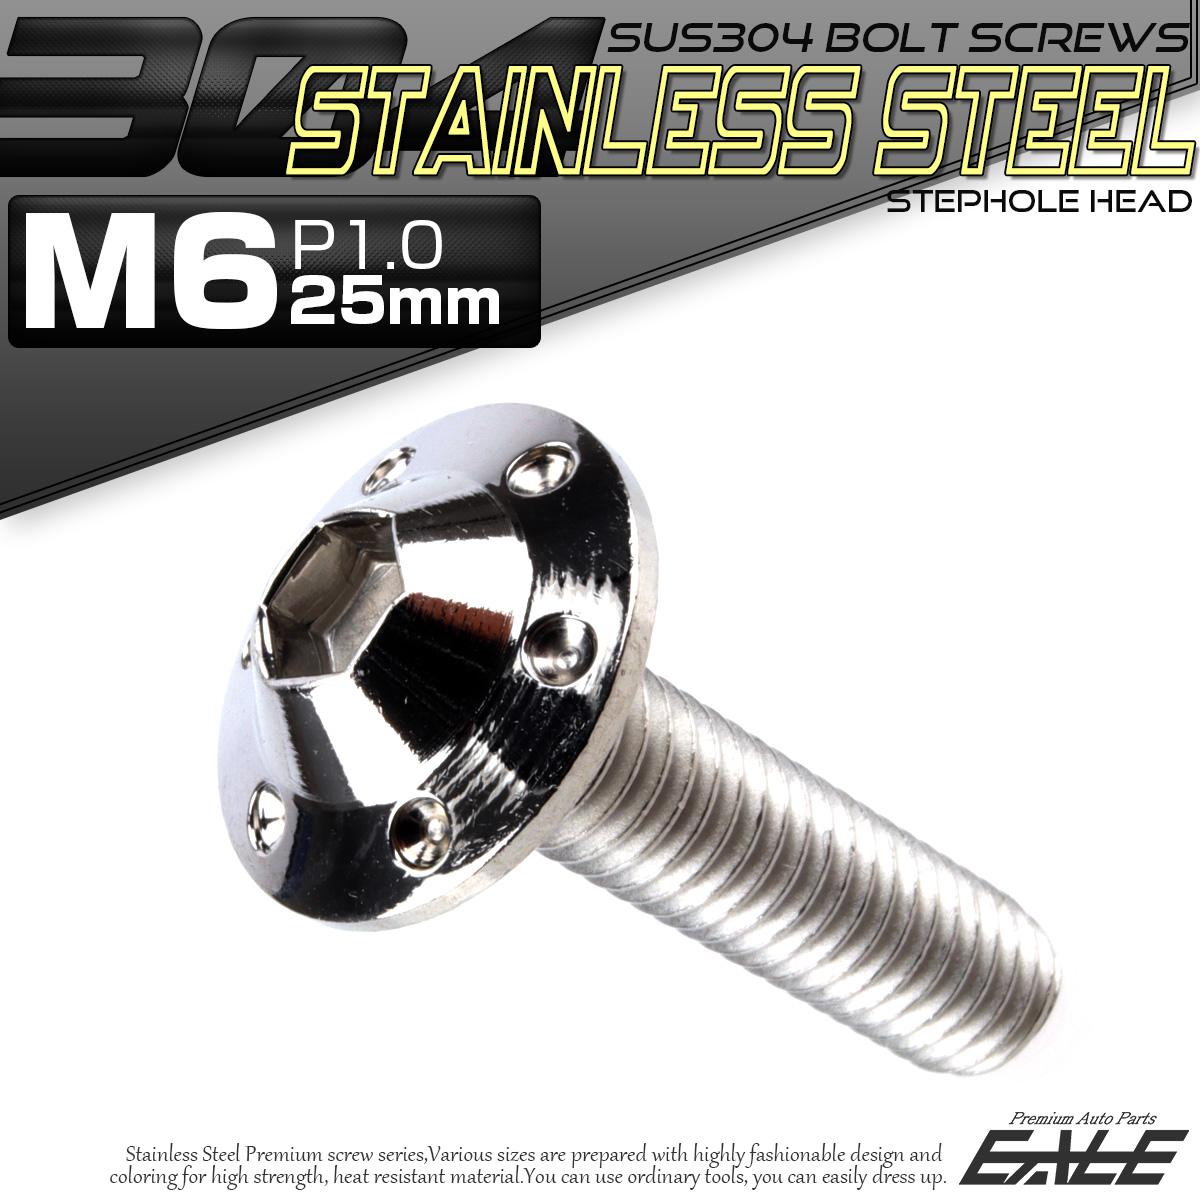 SUS304 フランジ付 ボタンボルト M6×25mm P1.0 六角穴  シルバー ステップホールヘッド ステンレス製 TR0180